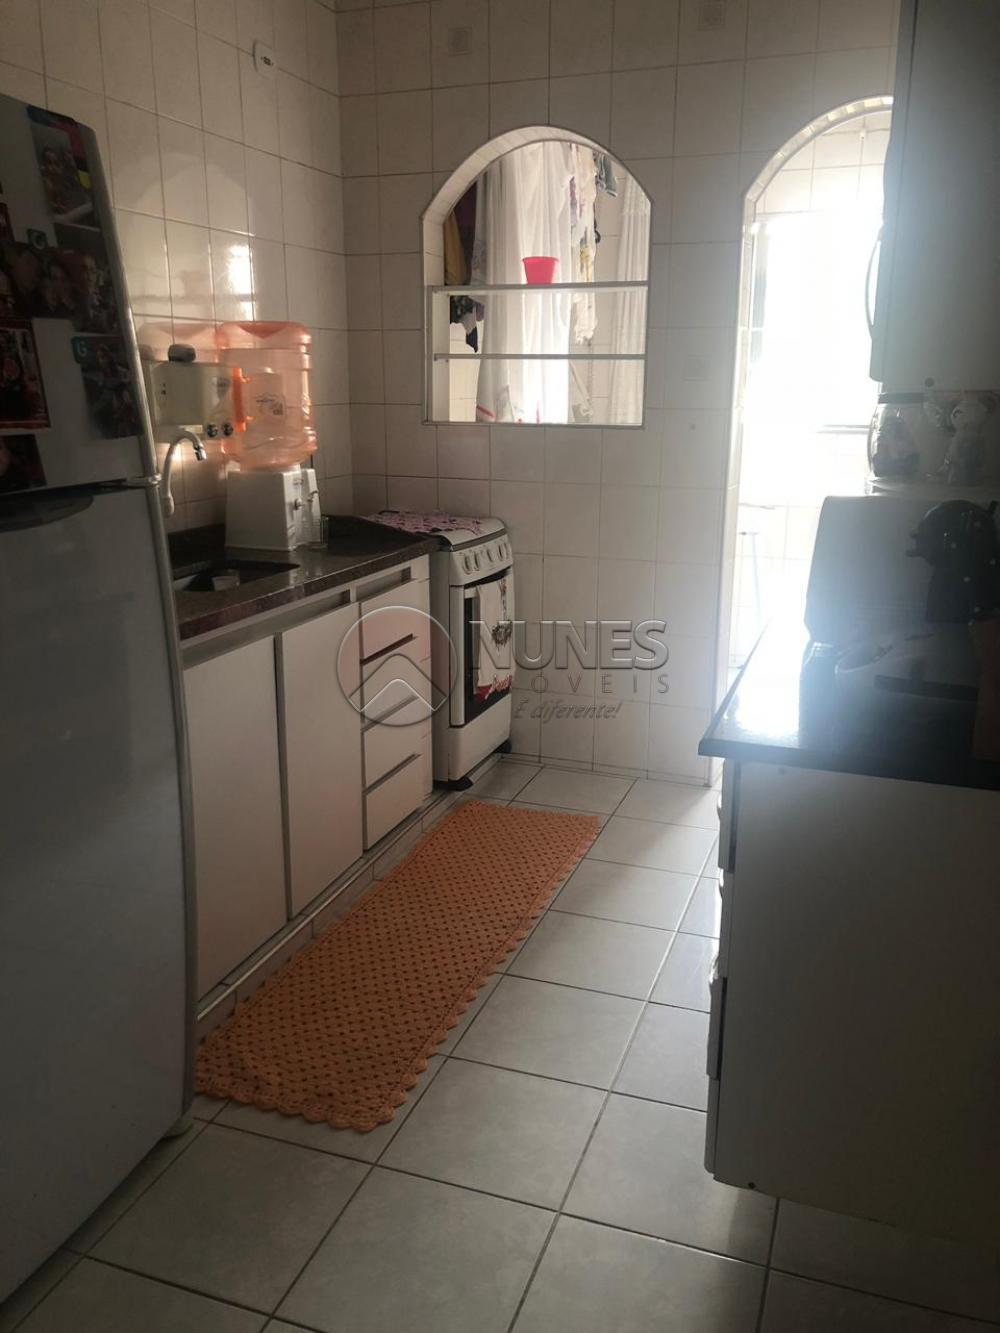 Comprar Apartamento / Padrão em Osasco apenas R$ 215.000,00 - Foto 10